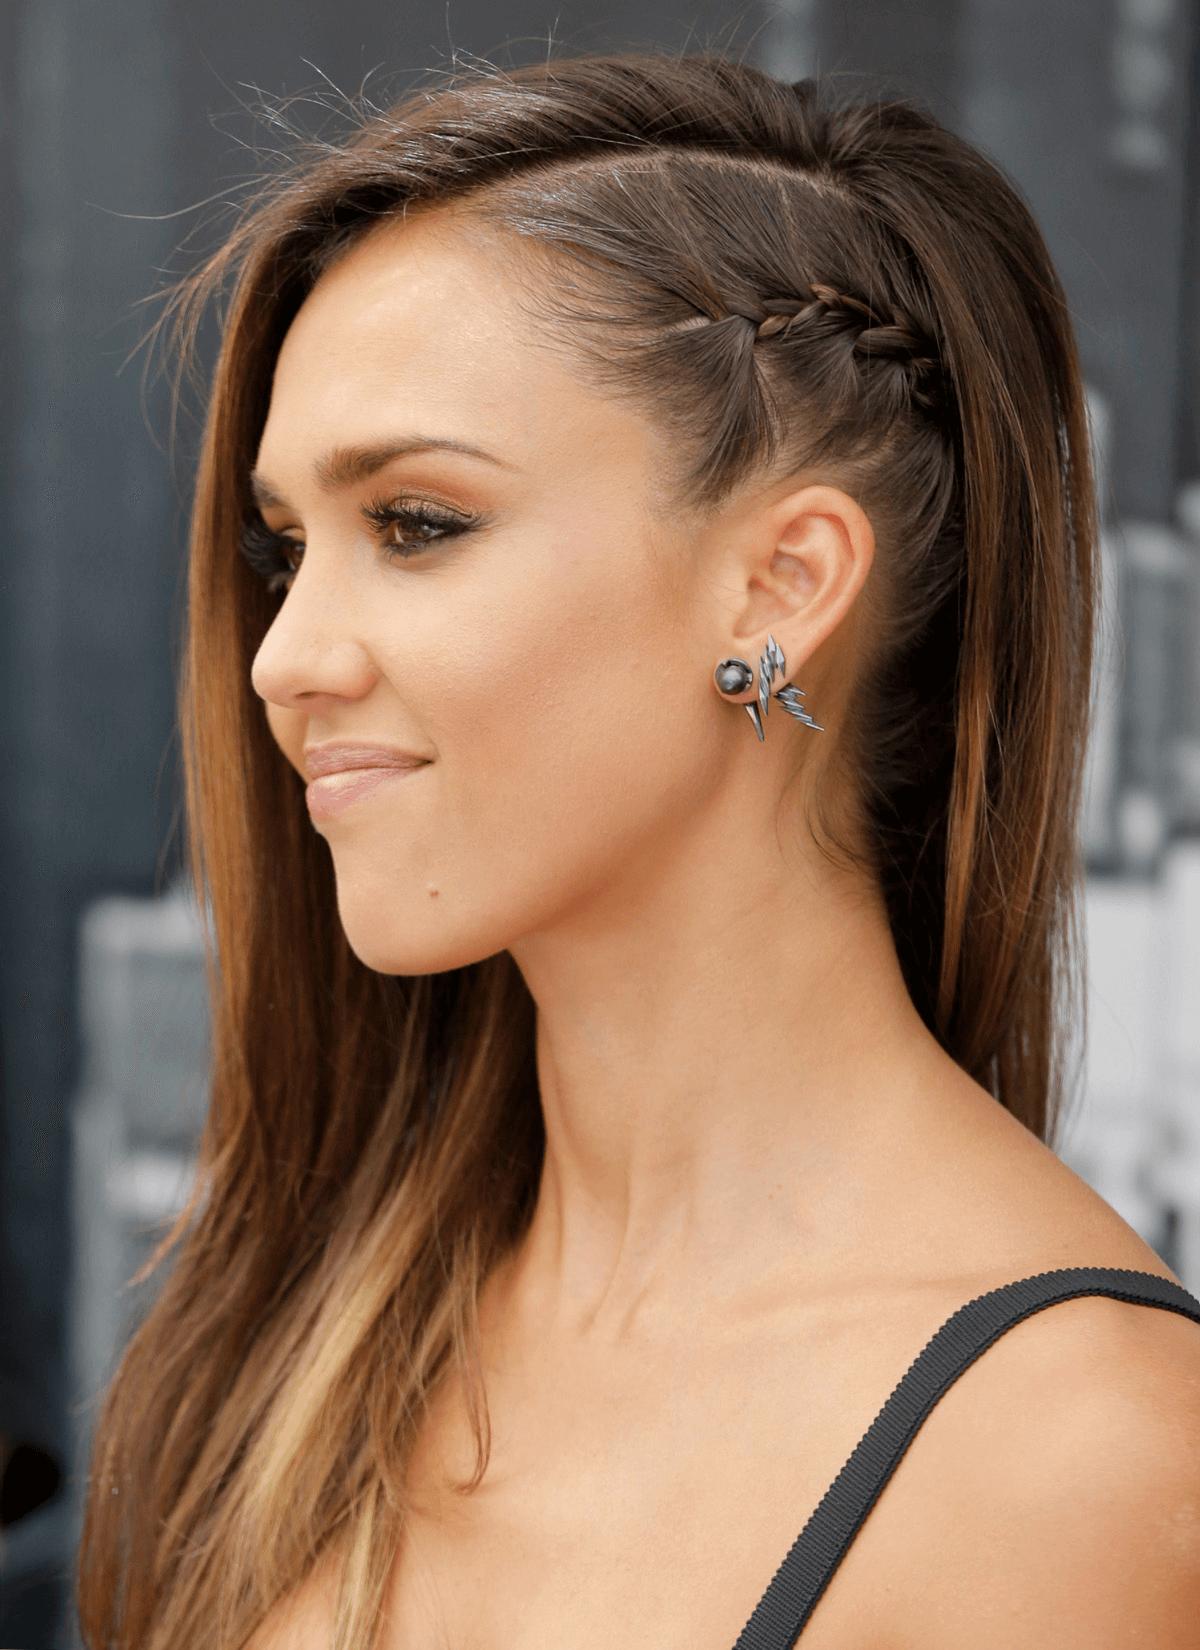 Frisuren lange haare zur seite mit Zöpfen  Side braid hairstyles